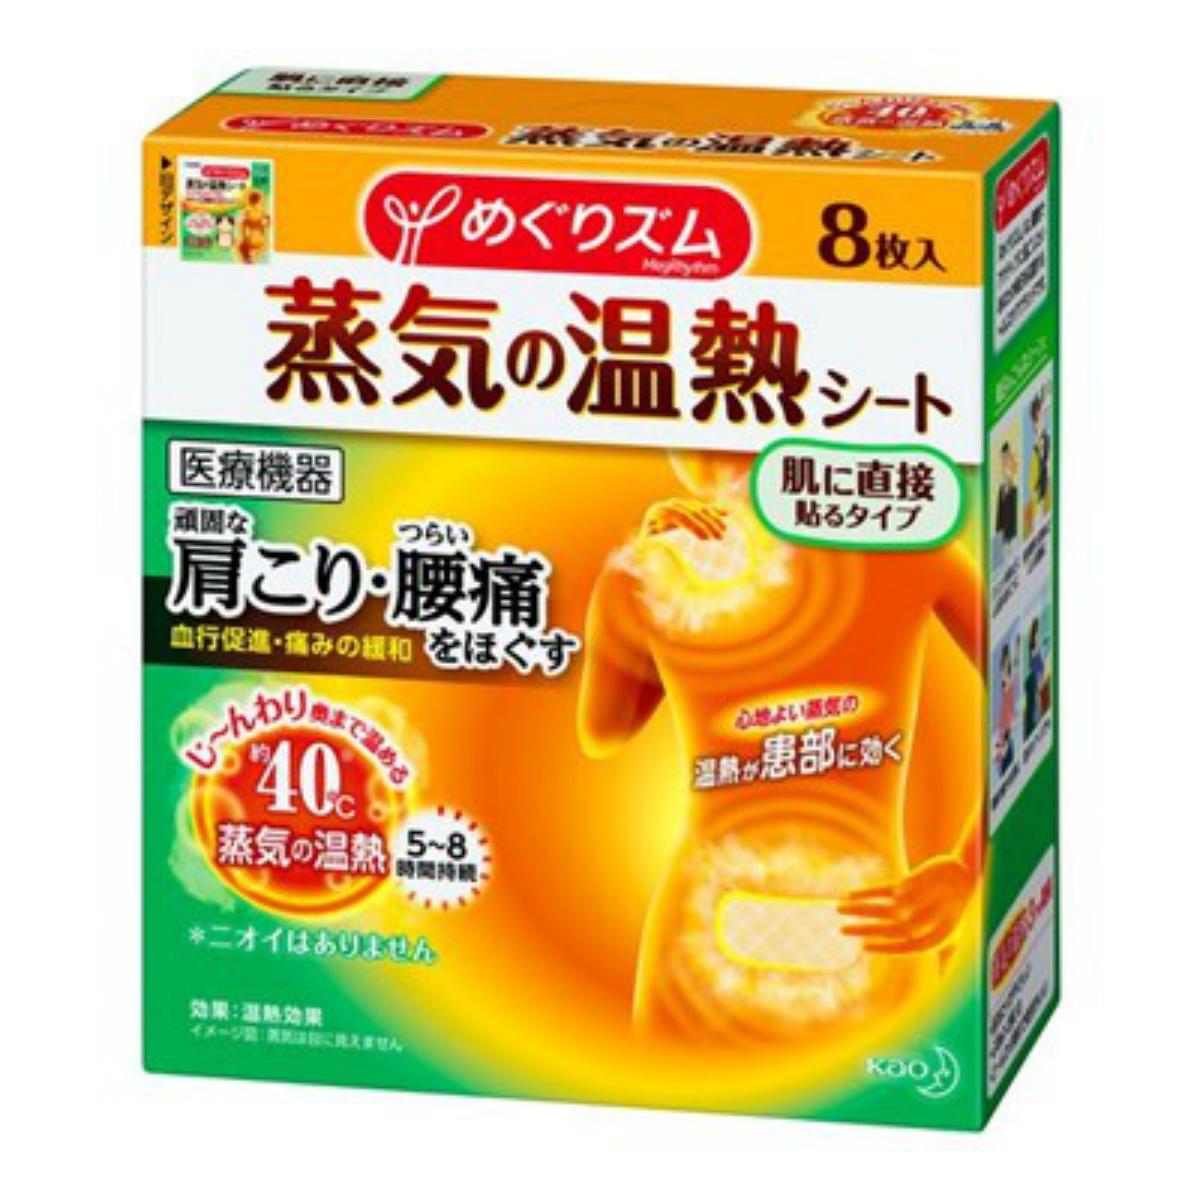 【送料無料・まとめ買い24個セット】花王 めぐりズム 蒸気の温熱シート 8枚入